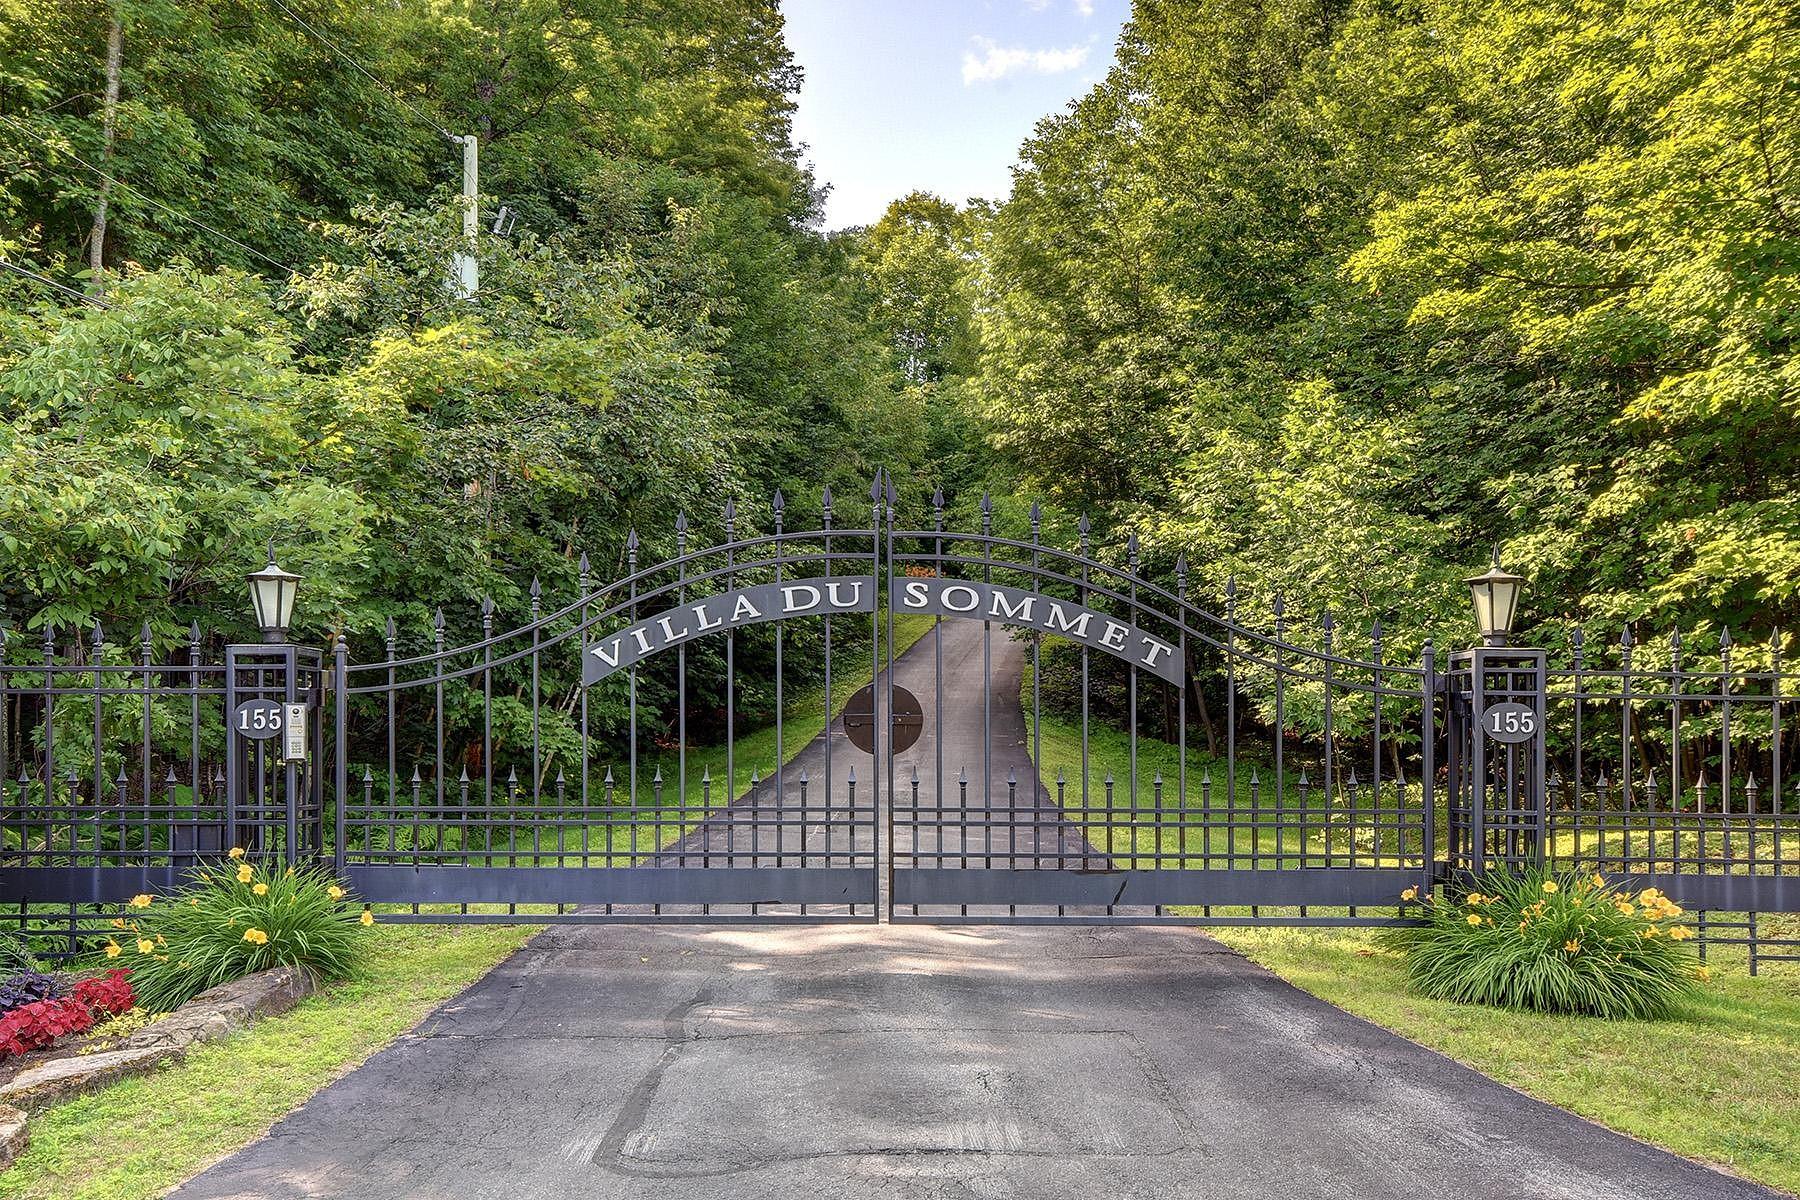 Single Family Homes for Sale at Saint-Sauveur, Laurentides 155 Ch. du Domaine-St-Sauveur Saint-Sauveur, Quebec J0R1R2 Canada